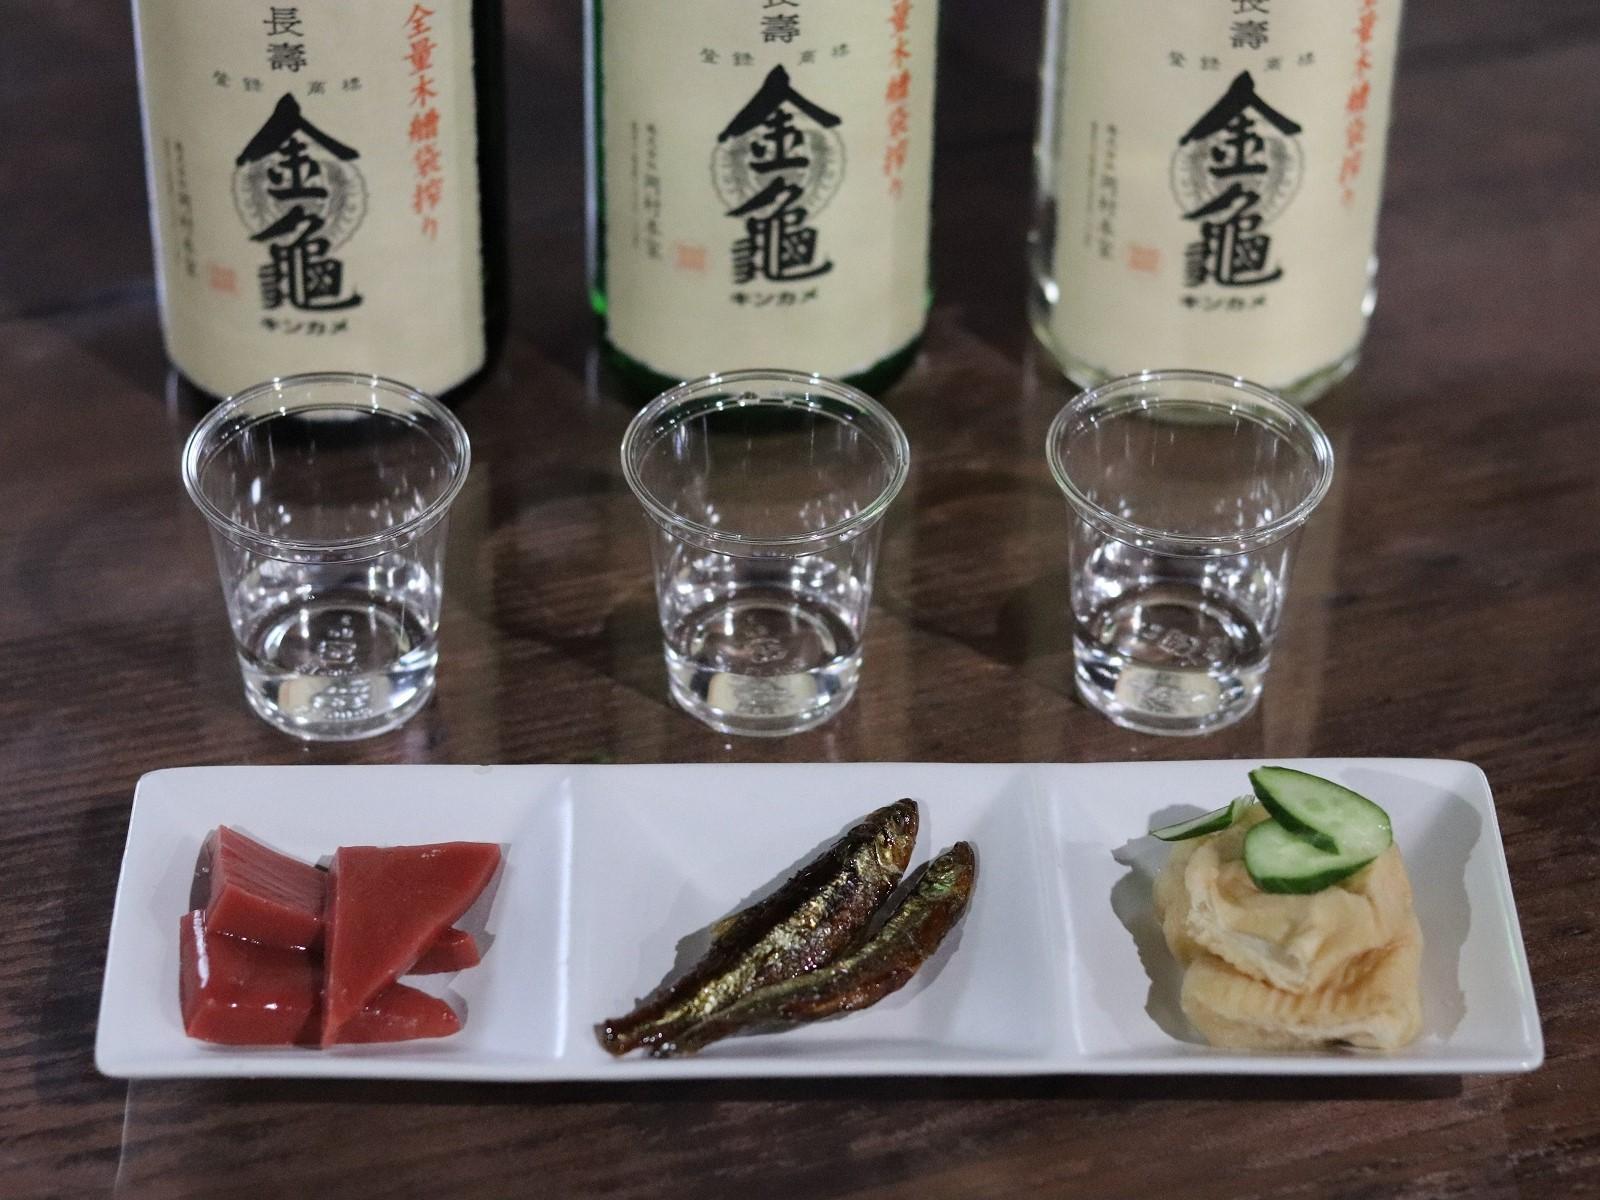 金亀酒蔵での飲み比べ(イメージ)